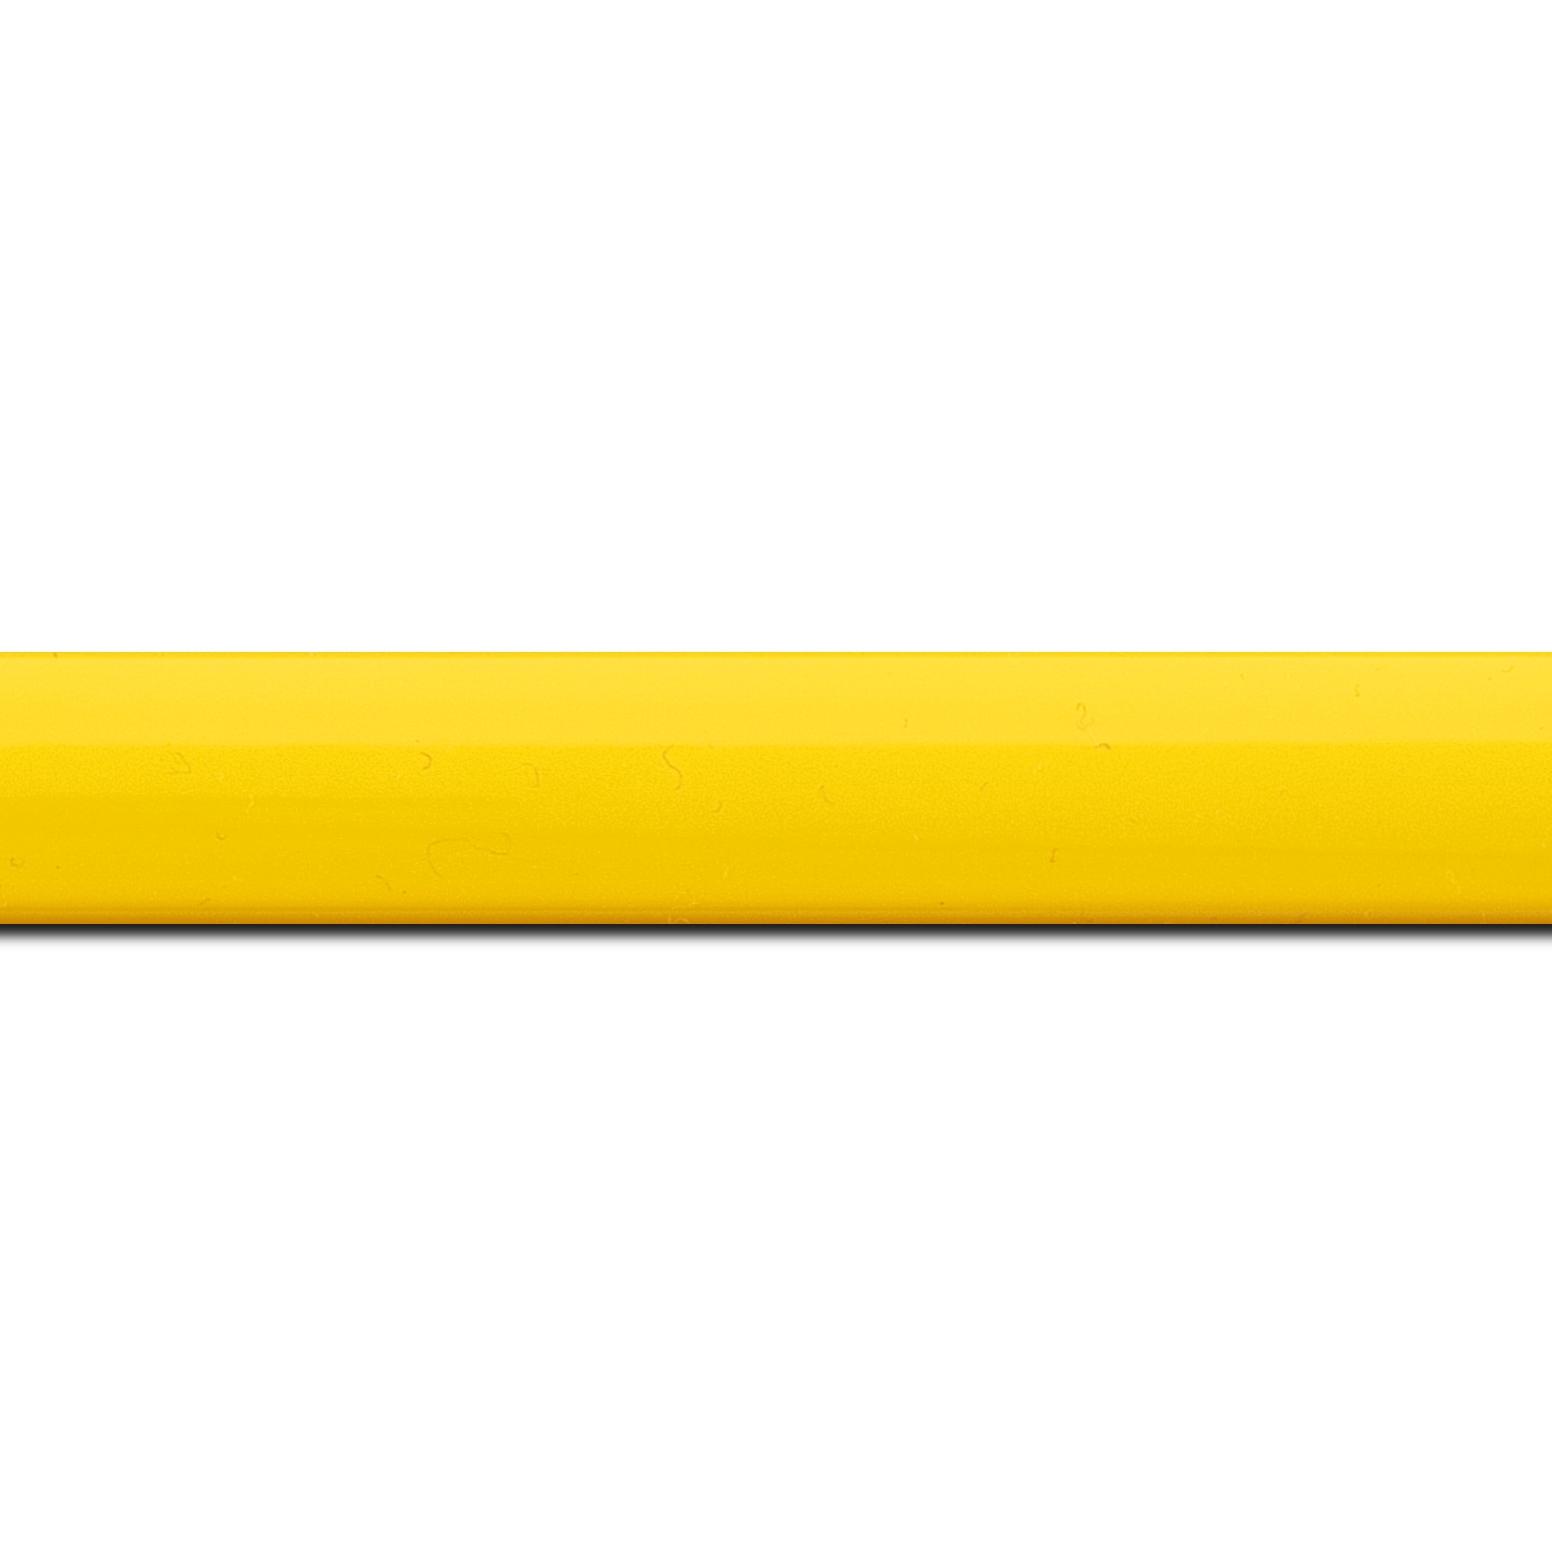 Baguette longueur 1.40m bois profil méplat largeur 2.3cm couleur jaune laqué